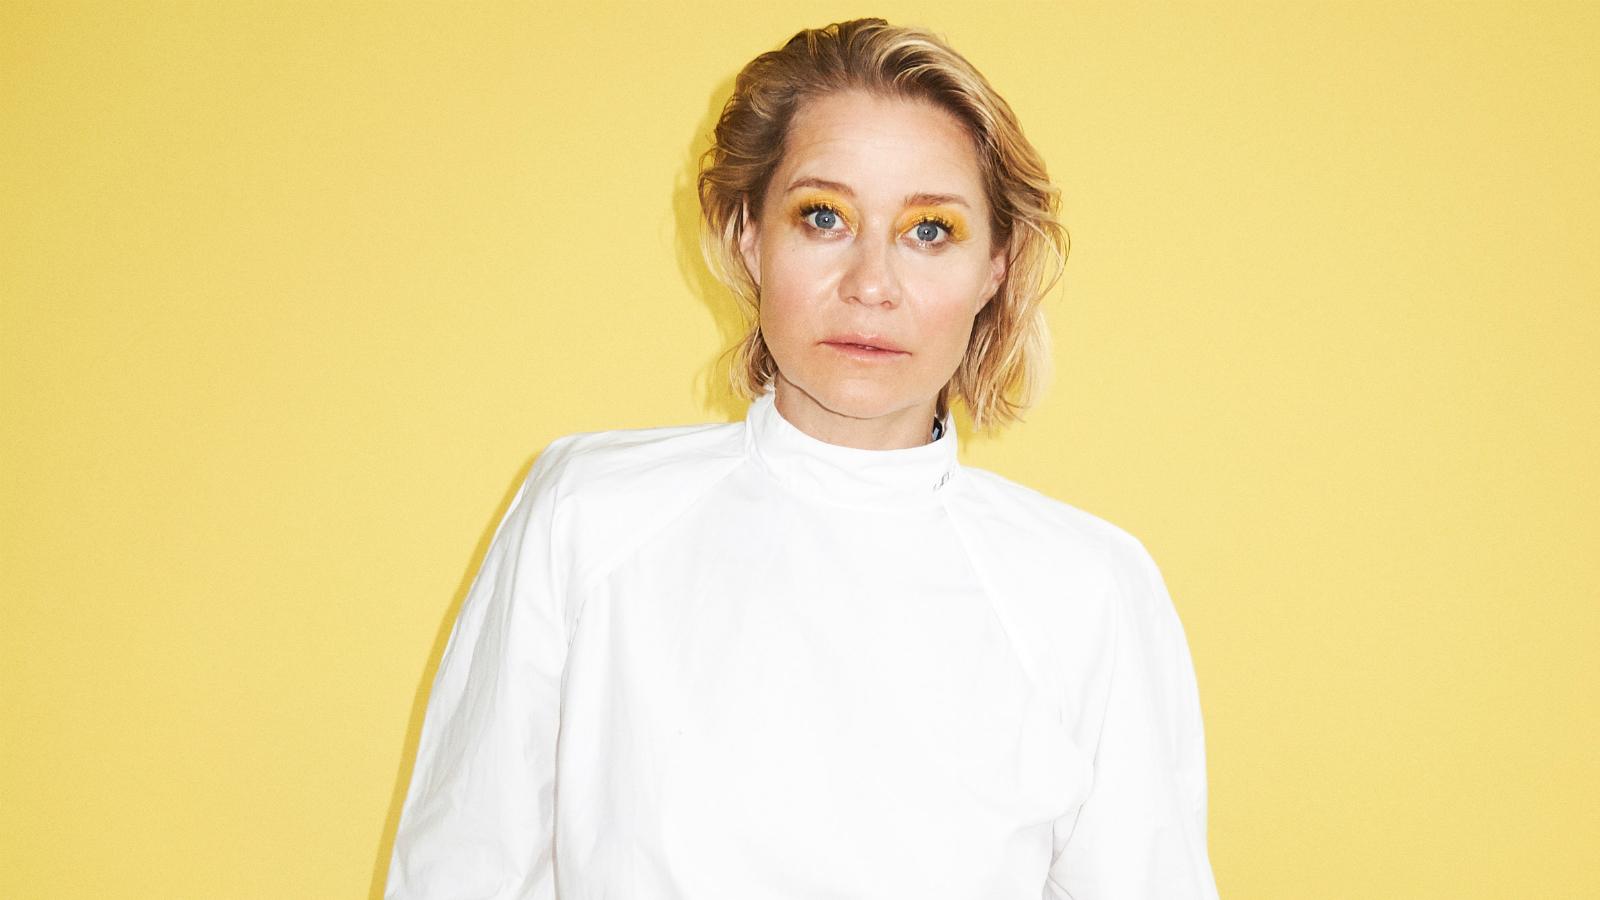 Trine Dyrholm nedbryder alle grænser: »Jeg vidste simpelthen ikke, om jeg kunne spille rollen hjem«